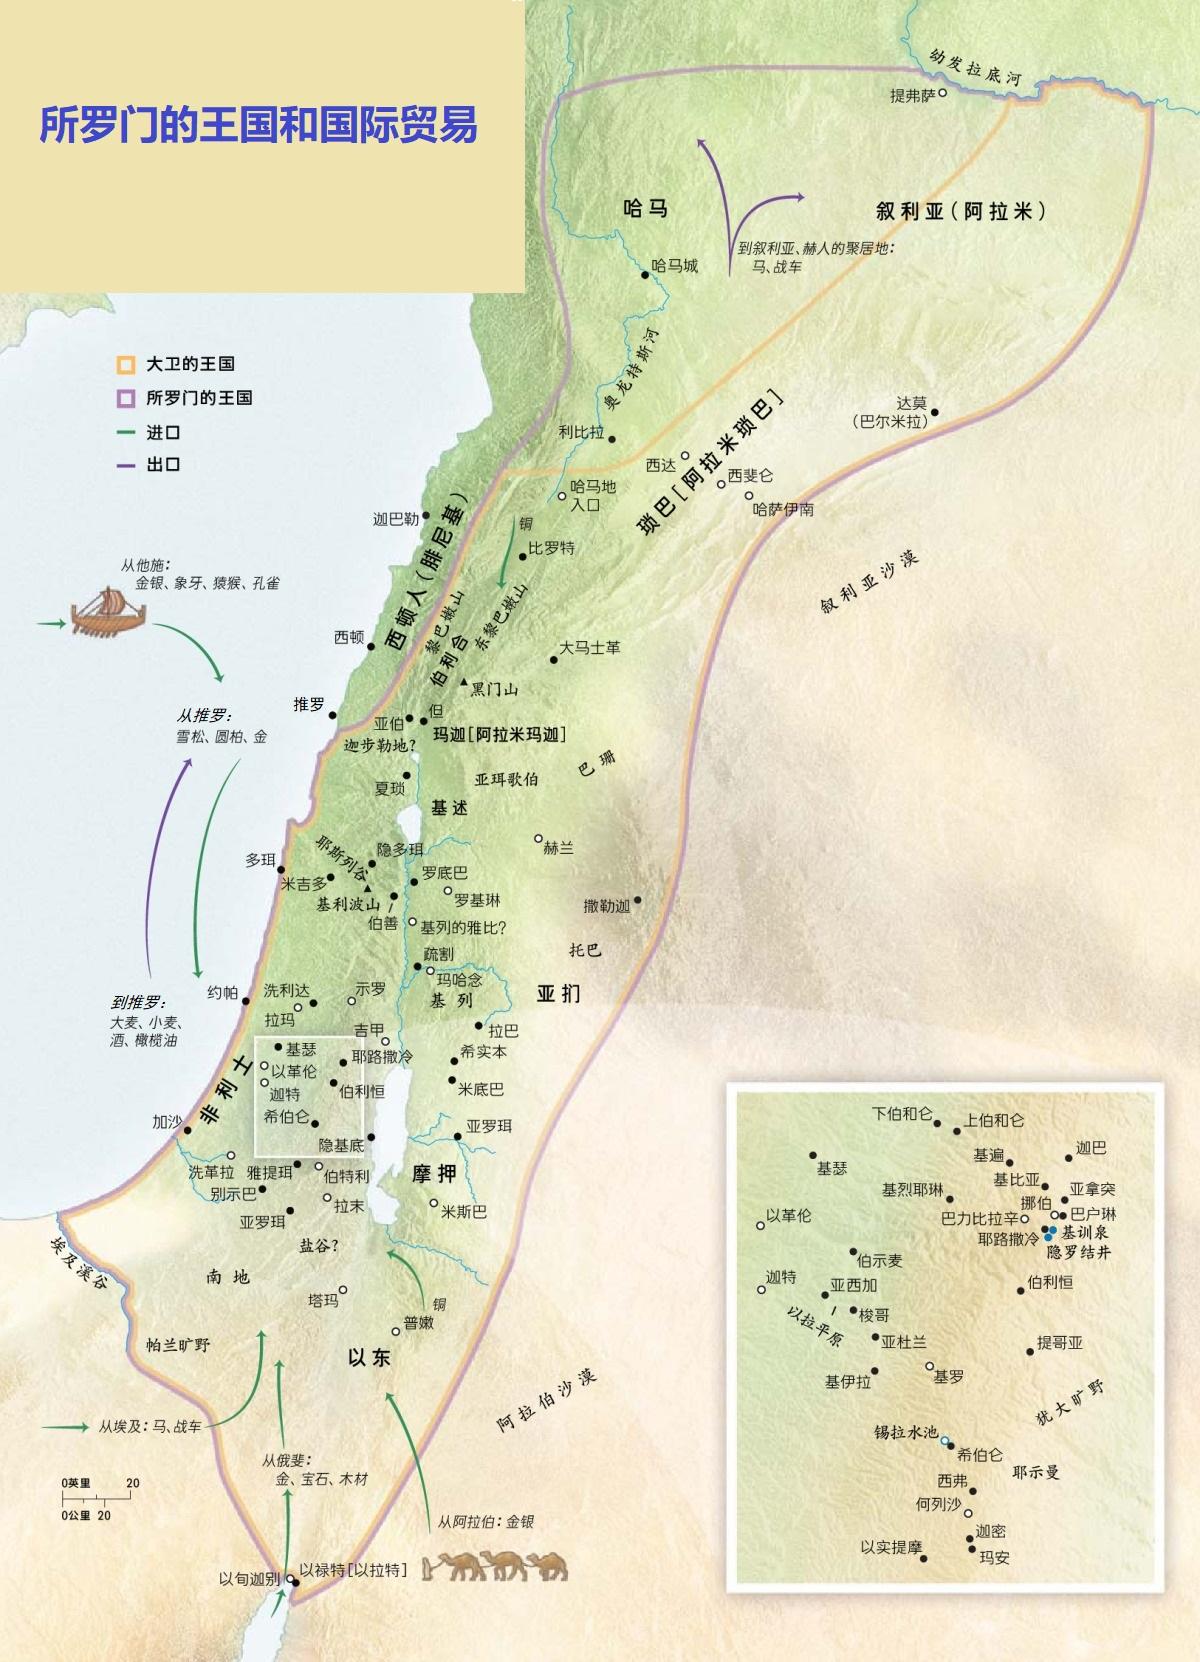 上图:大卫和所罗门的王国,及所罗门的国际贸易。